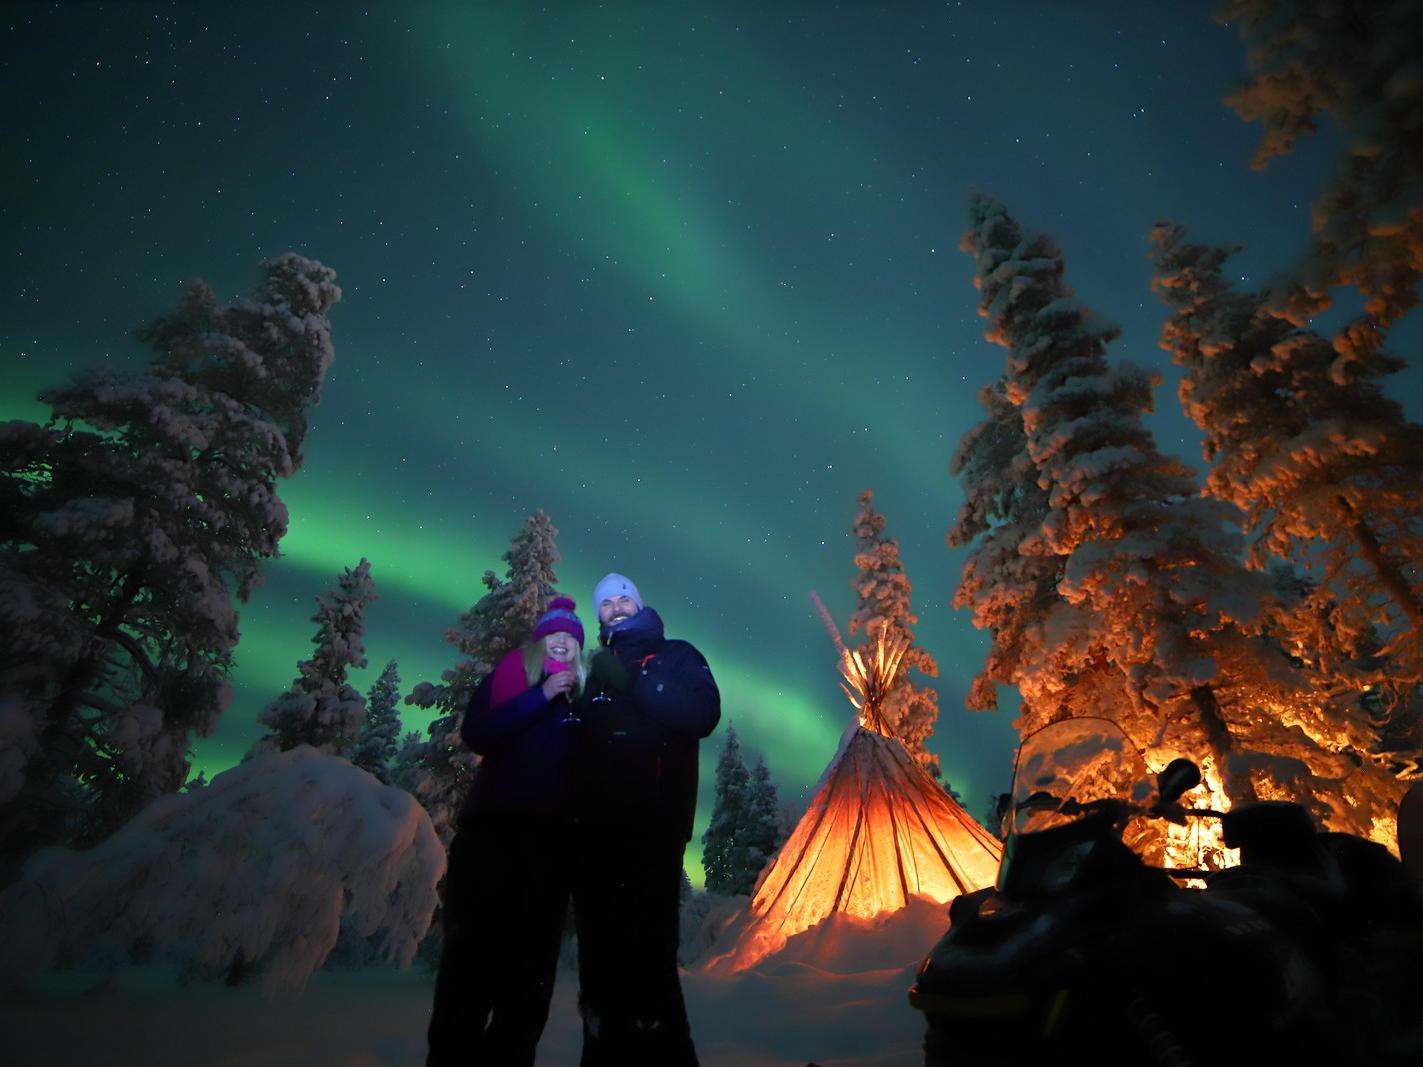 3 Night Romantic Package at Northern Lights Village in Saariselkä, Lapland